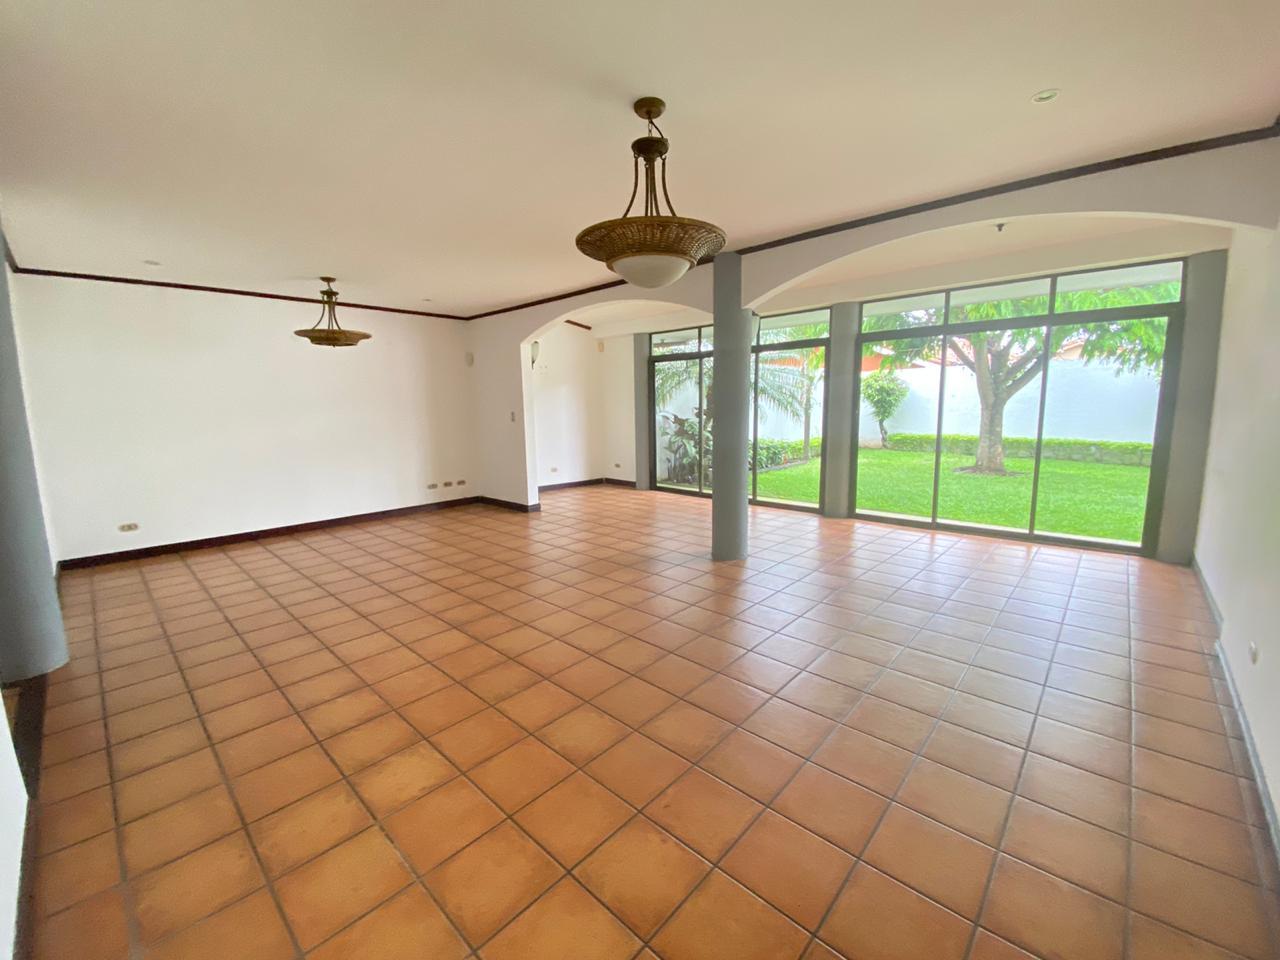 Venta de casa en condominio ubicado en Pozos de Santa Ana